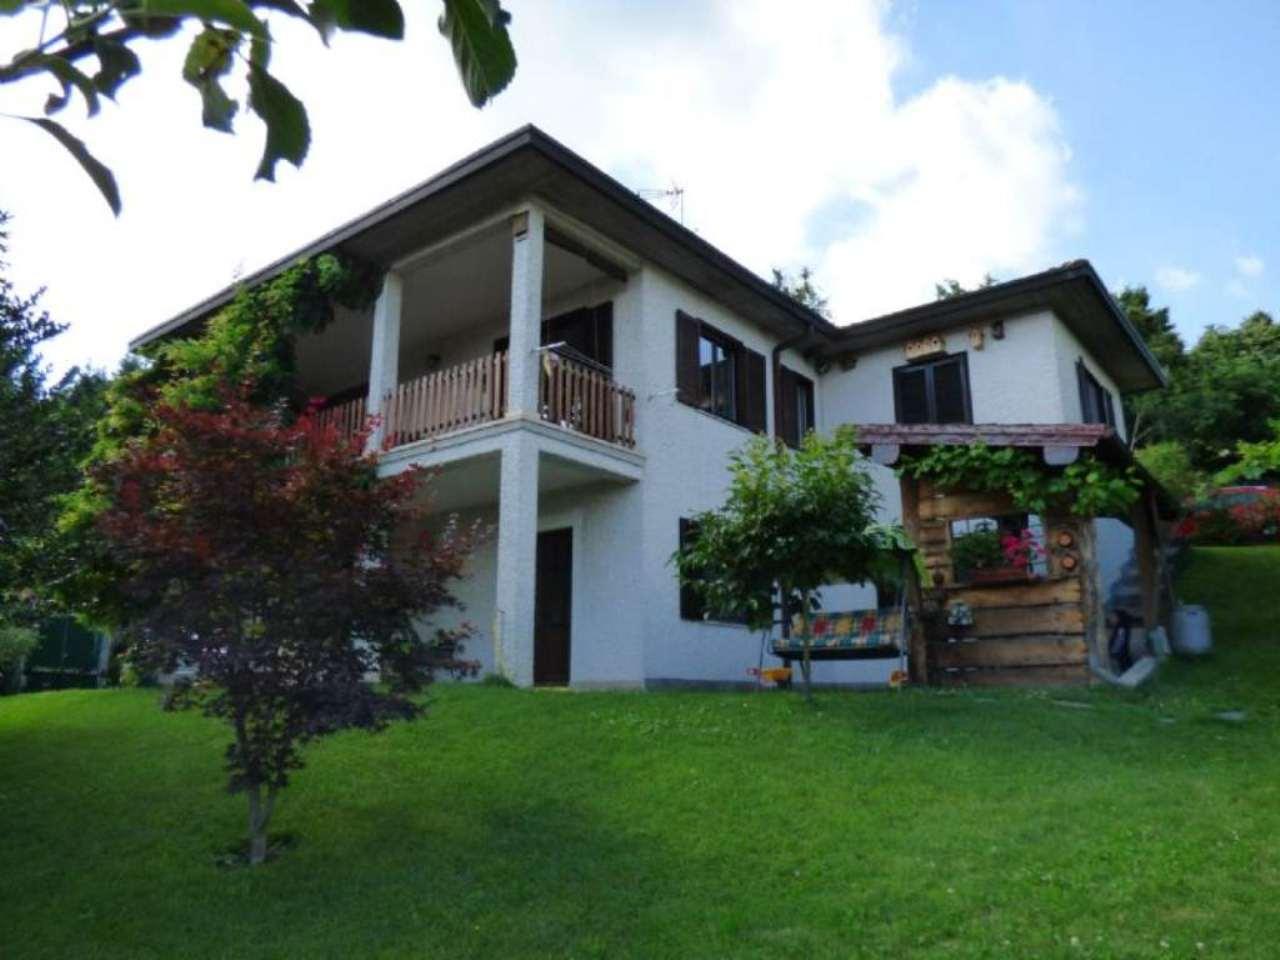 Villa in vendita a Montegrino Valtravaglia, 5 locali, prezzo € 370.000 | CambioCasa.it